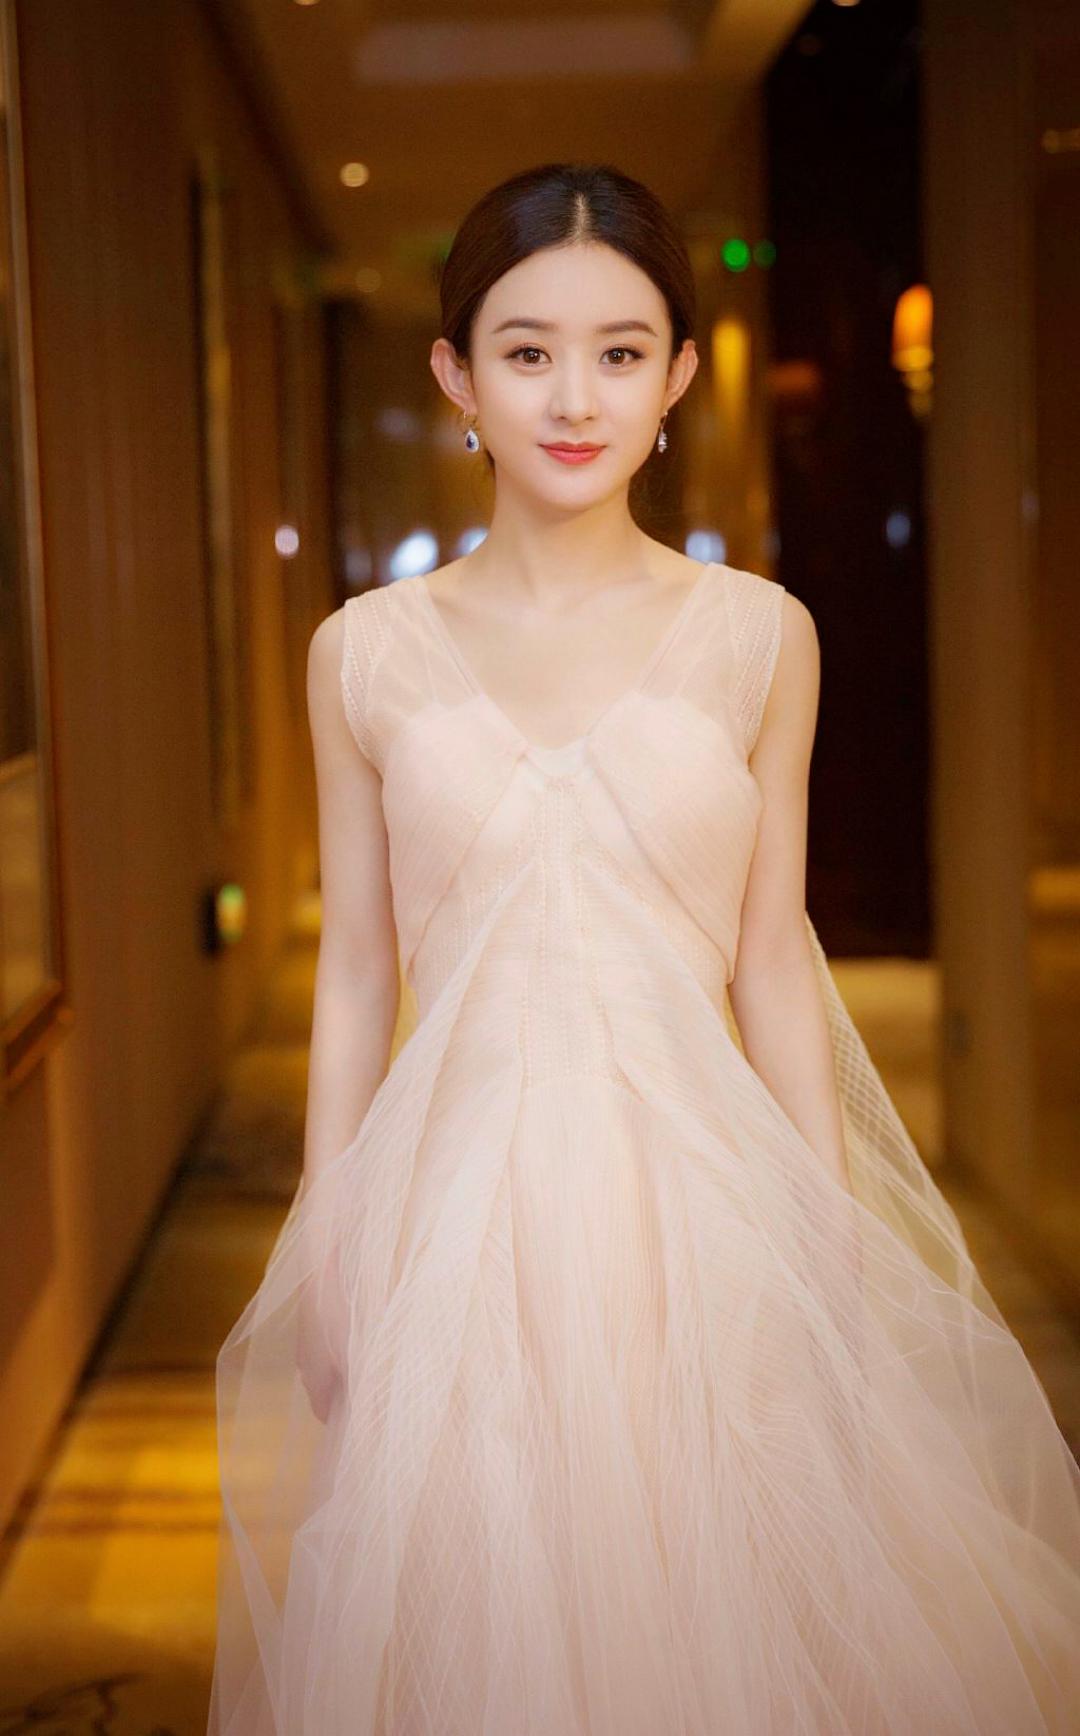 韩国演员张娜拉因一句话被讨厌,其实她没有辱华,也没有被封杀